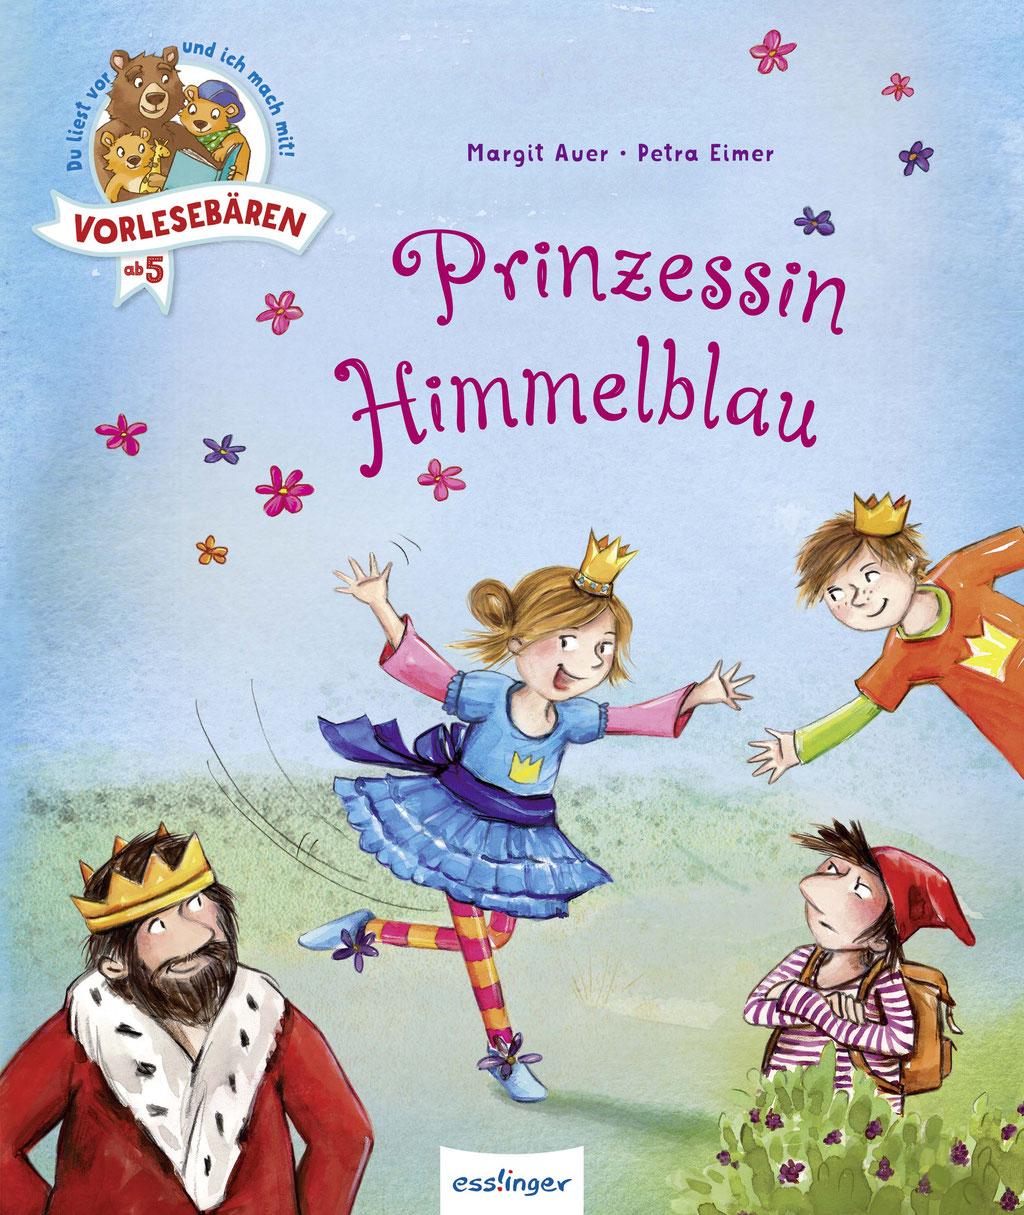 Prinzessin Himmelblau 08|2016 Esslinger